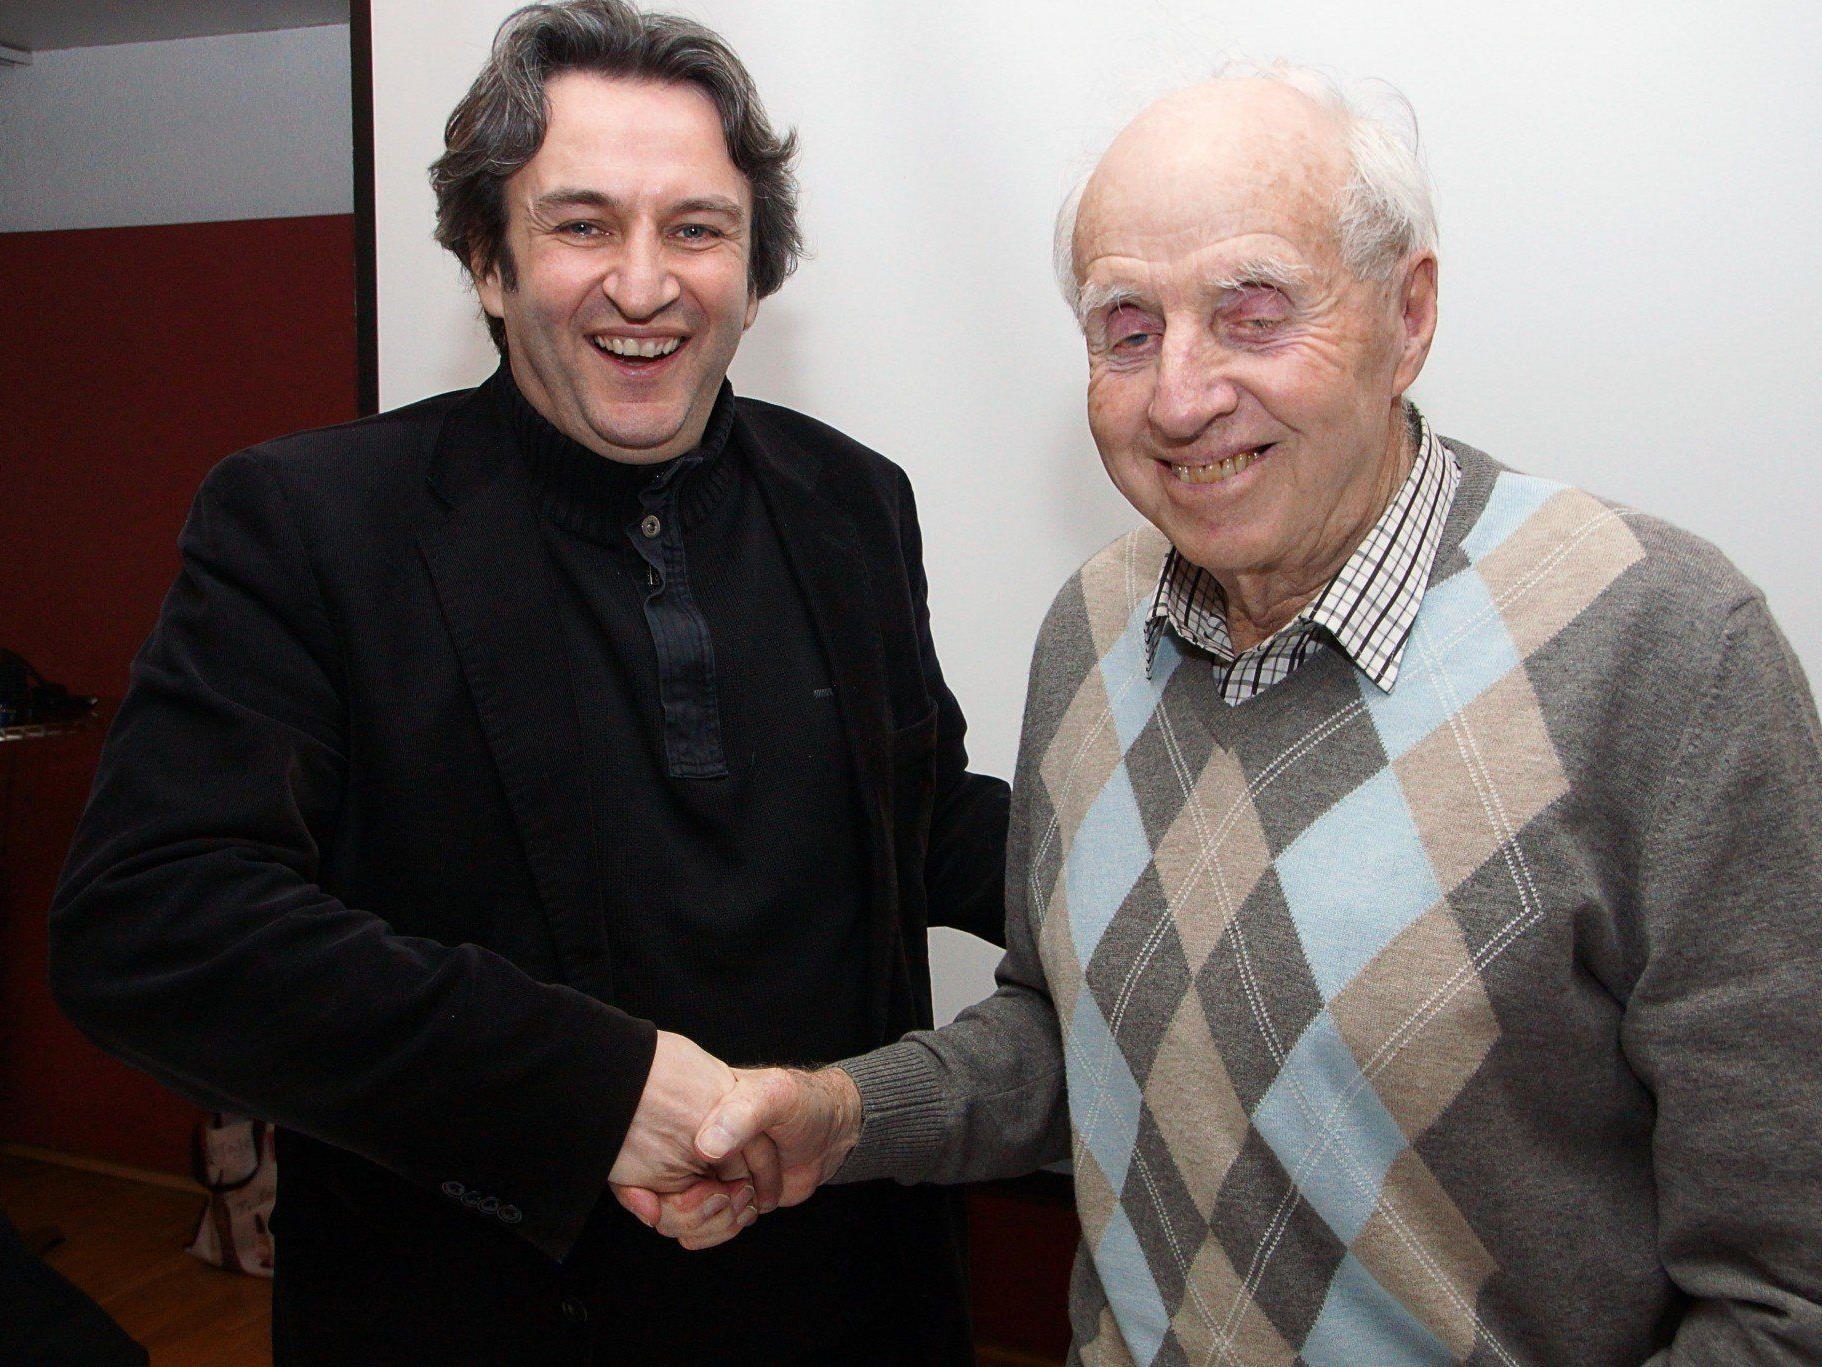 Bürgermeister Michael Tinkhauser gratuliert Helmut Müller zur Wiederwahl.